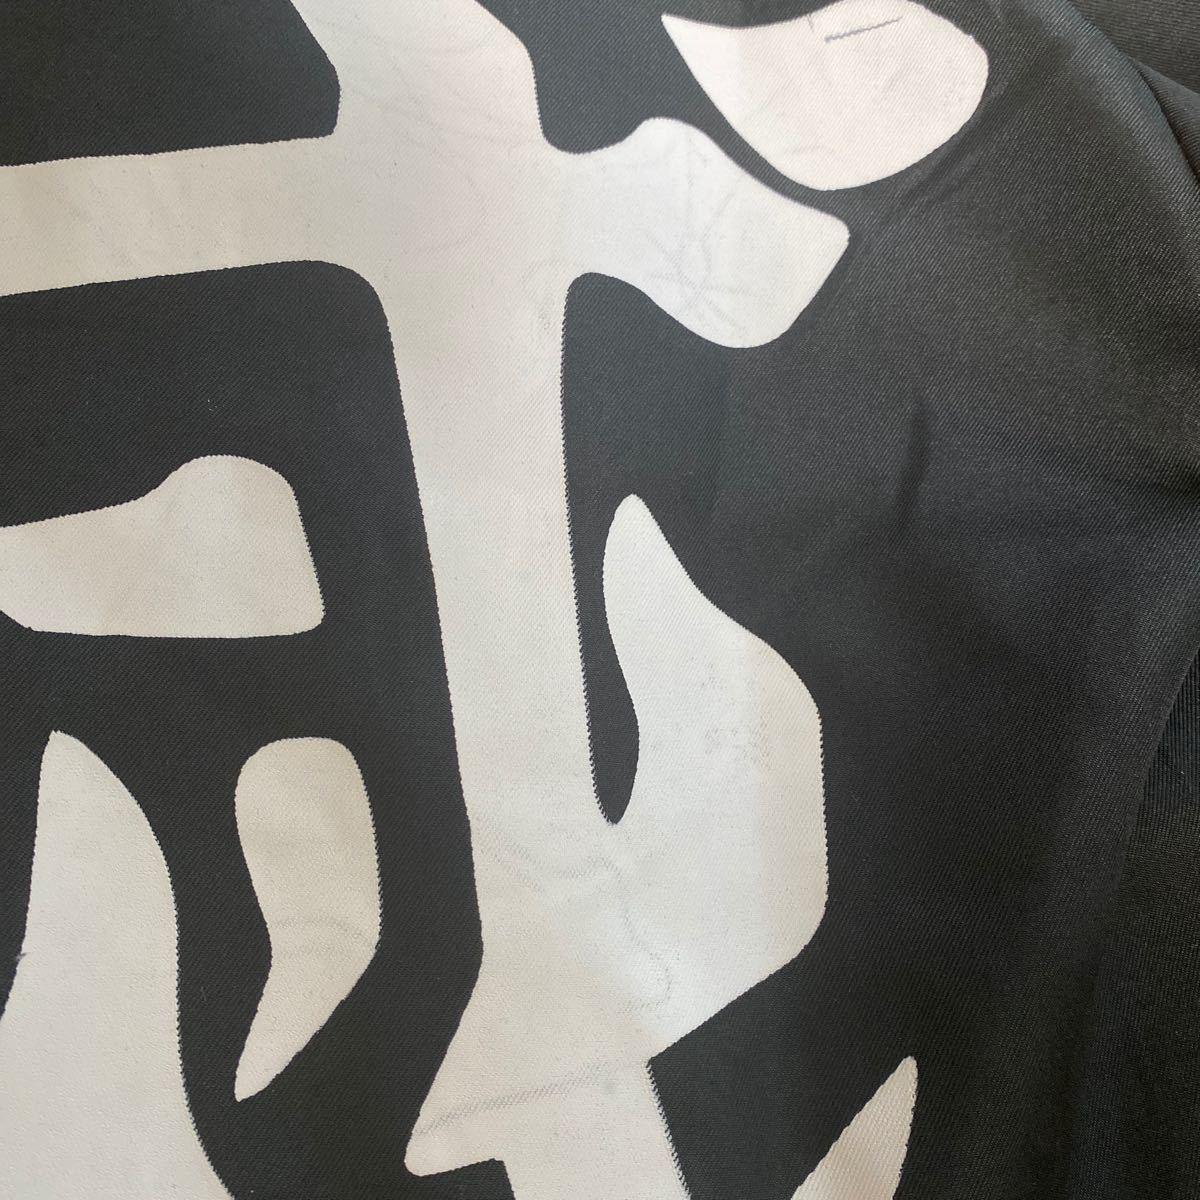 鬼滅の刃 コスプレ 胡蝶しのぶ Sサイズ 140-150くらい 5点セット